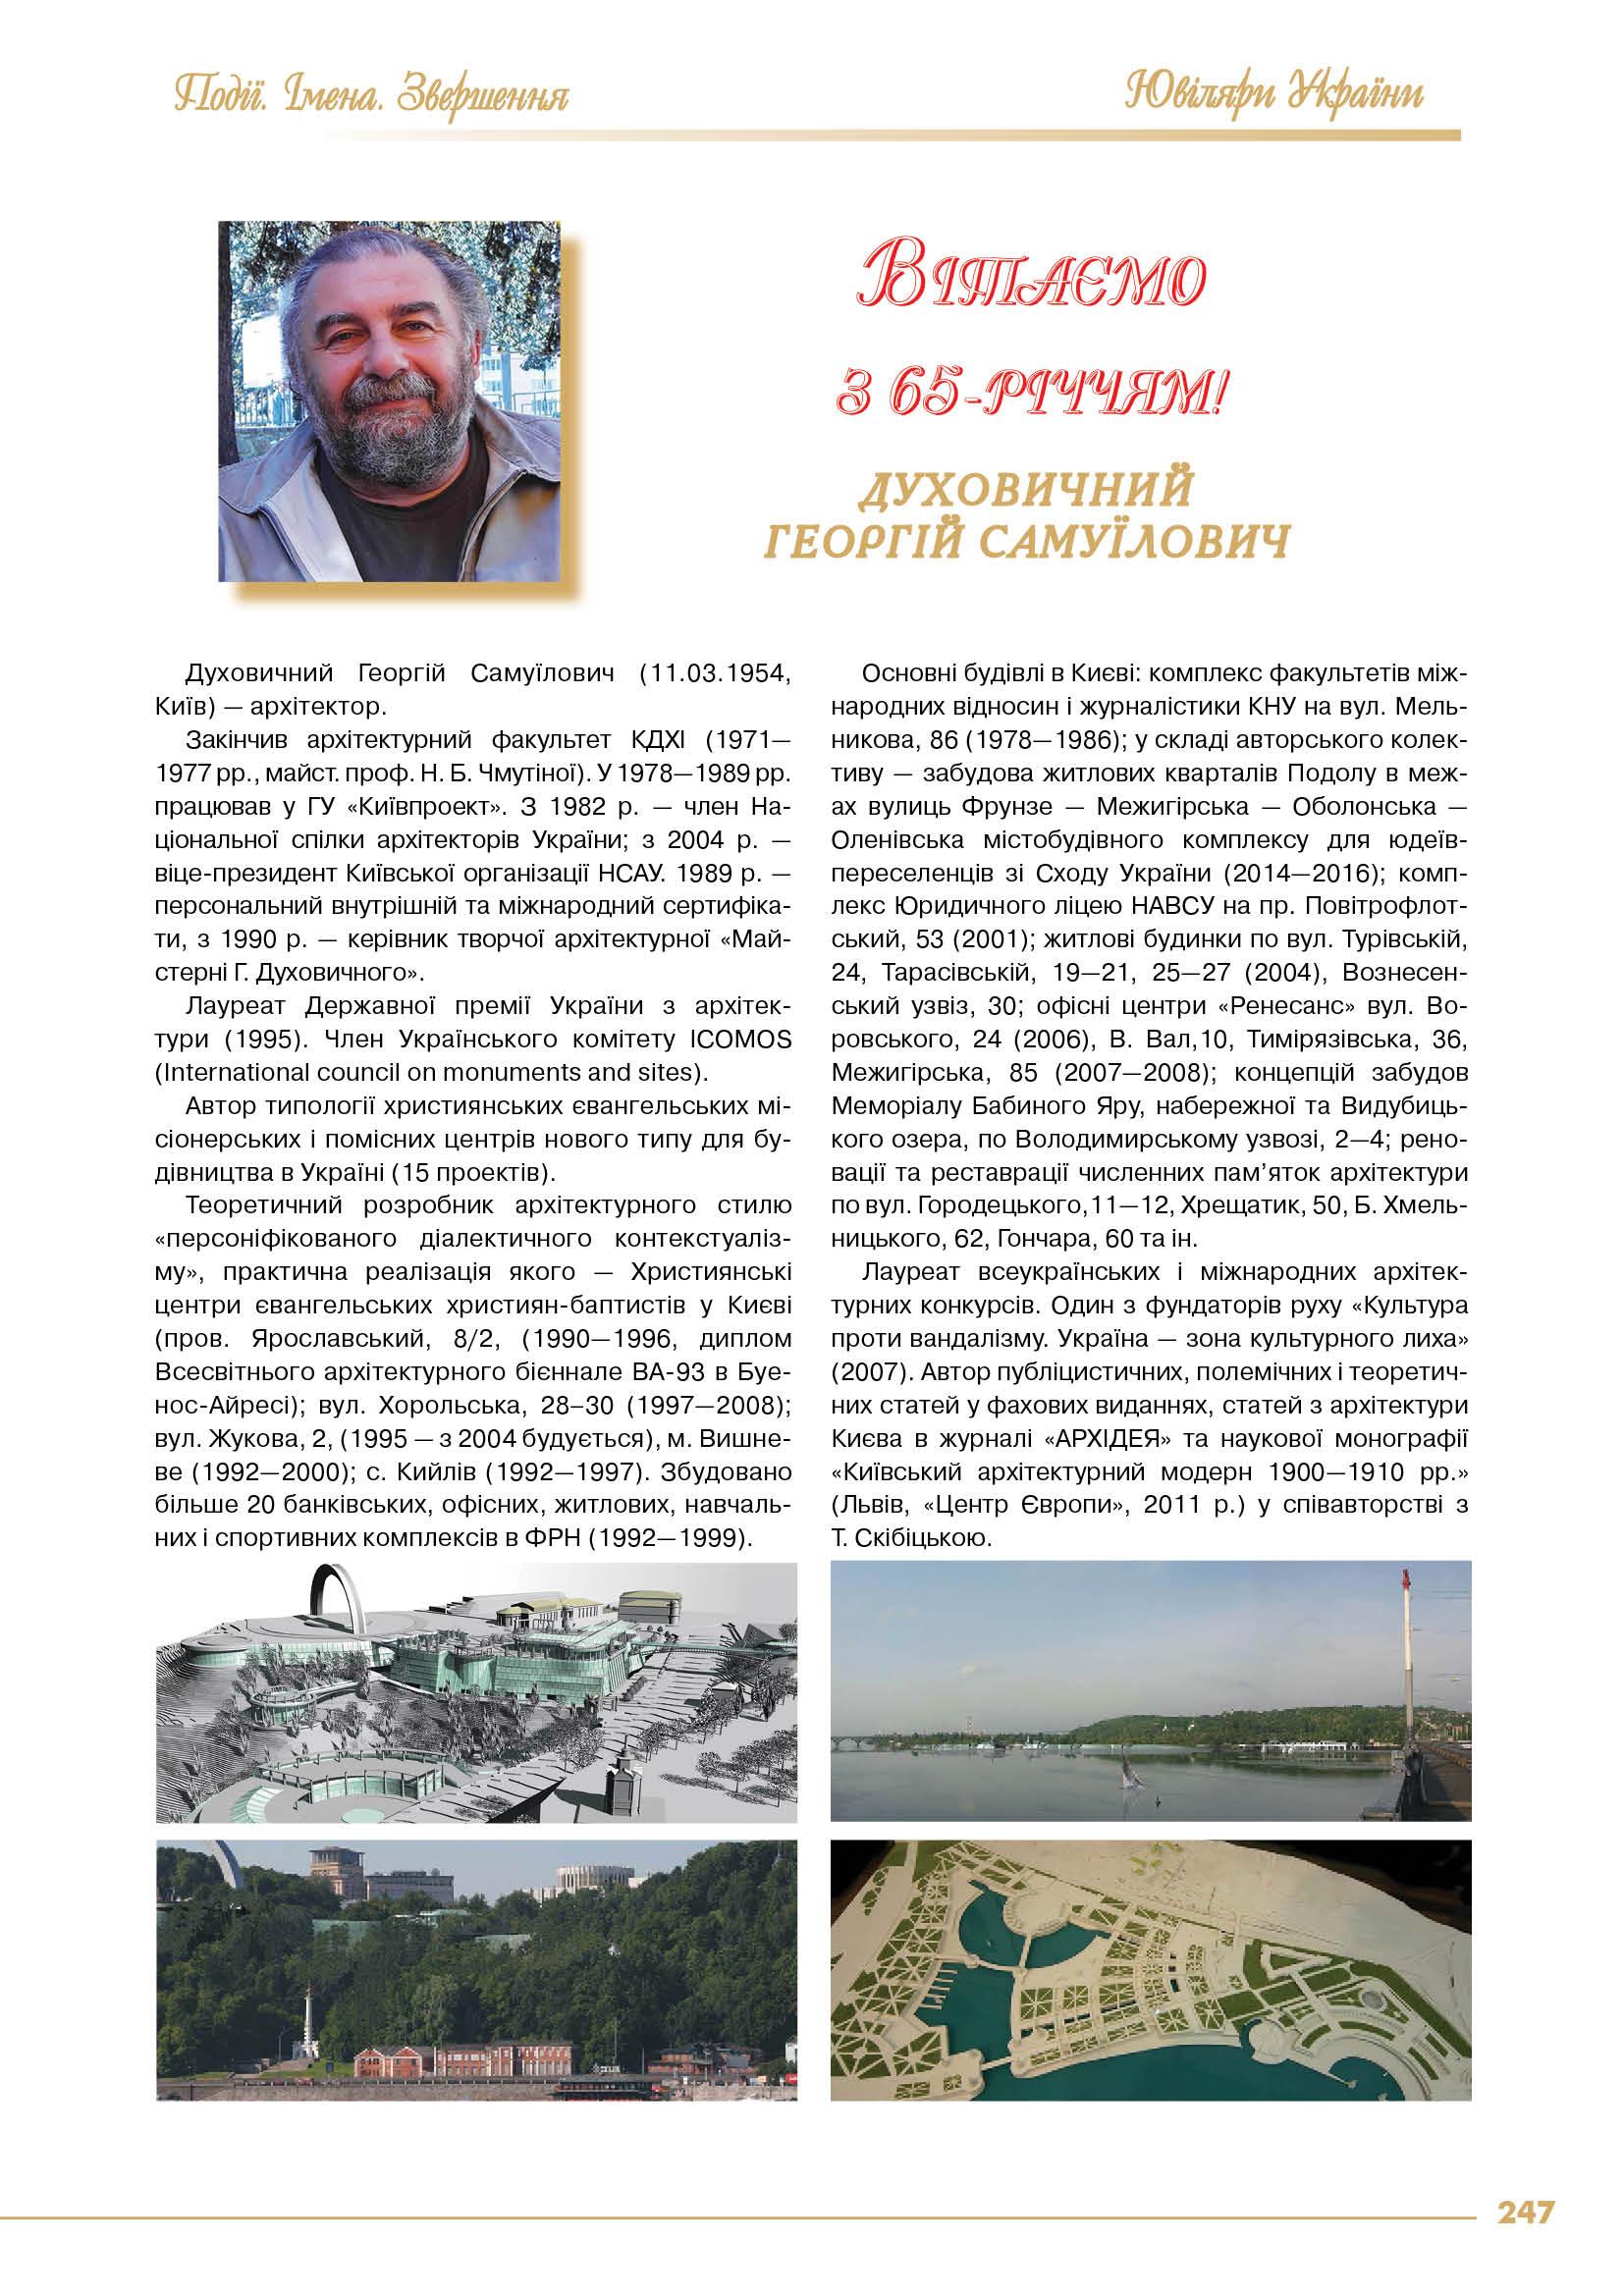 Духовичний Георгій Самуїлович